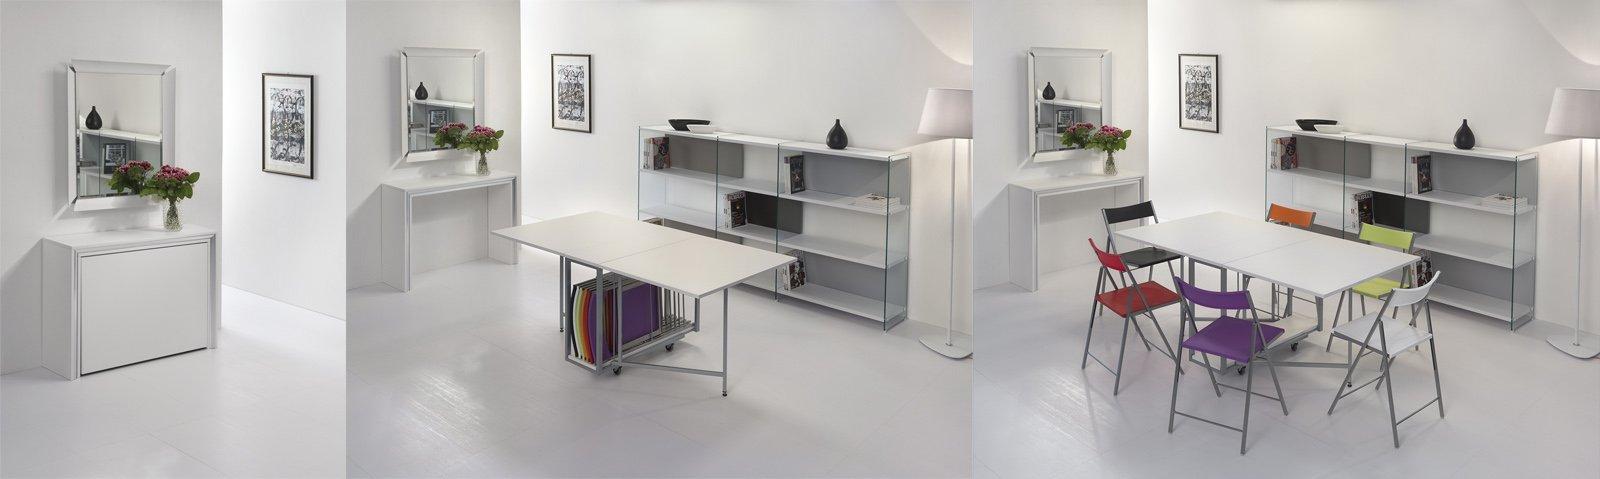 Trasformabili salvaspazio e doppia funzione cose di casa - Foppapedretti tavoli pieghevoli ...